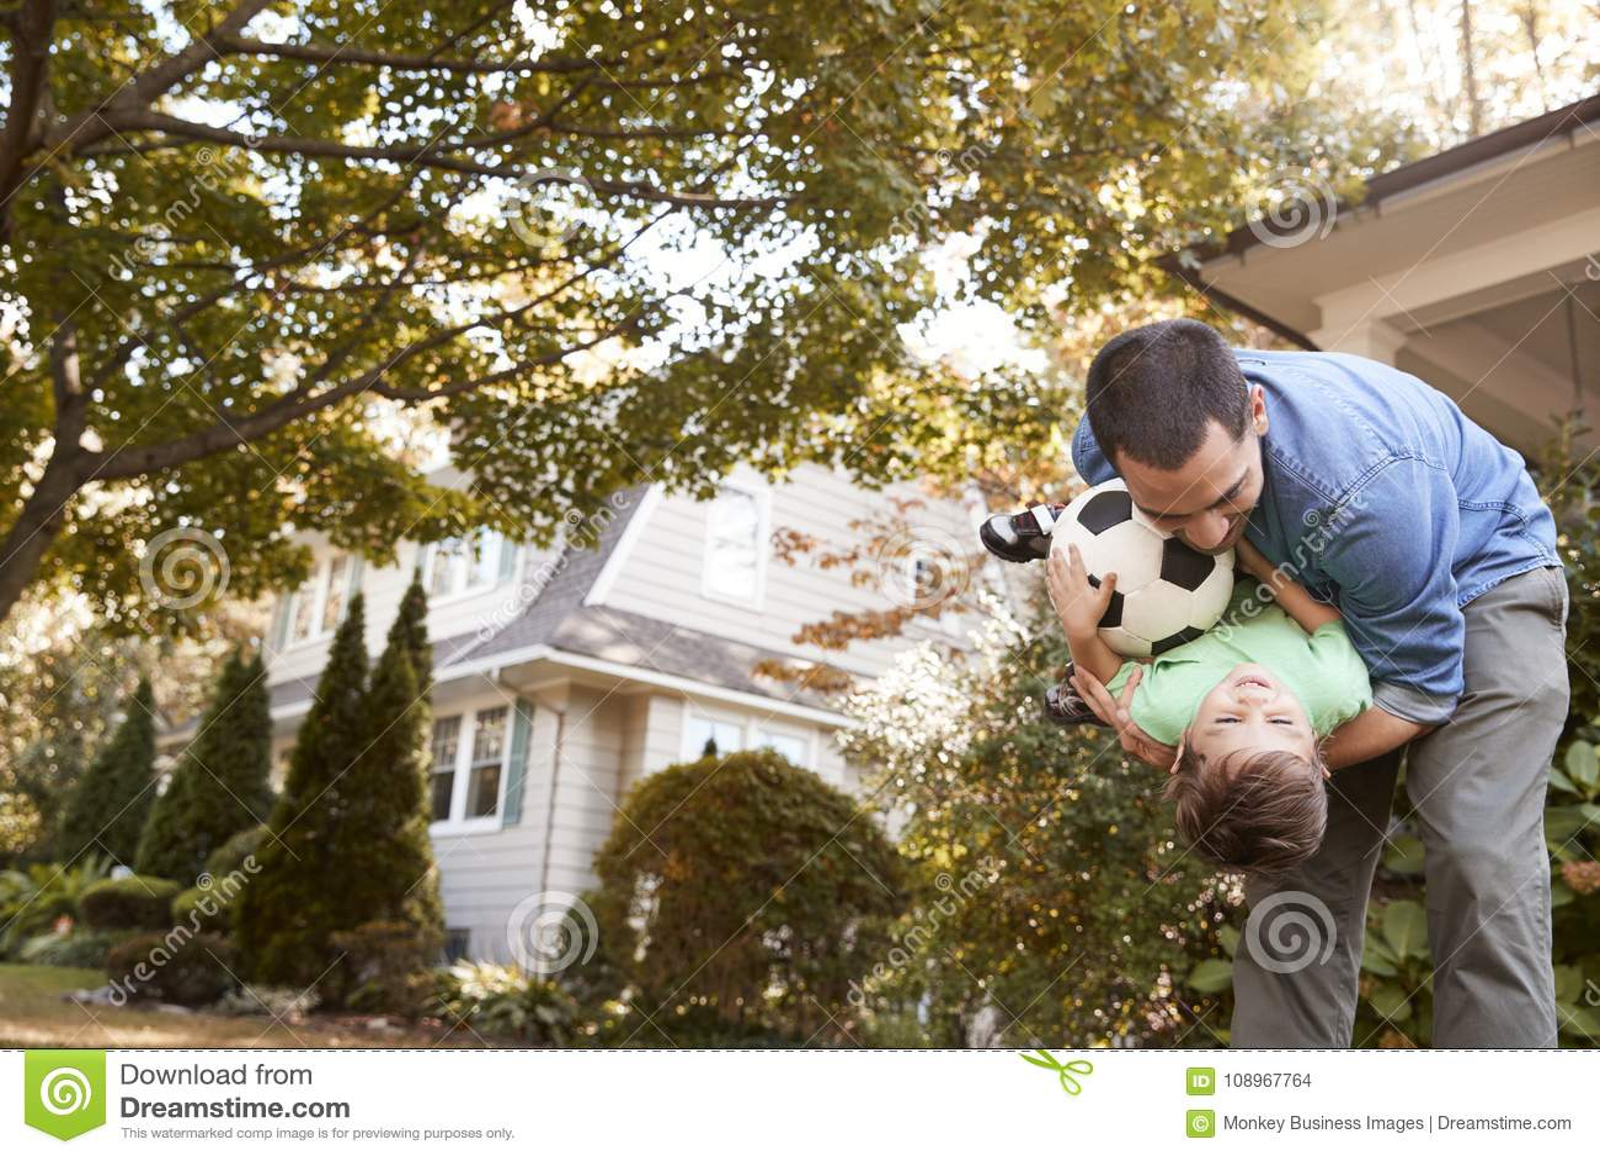 Palla di Playing With Soccer del padre in giardino con il figlio